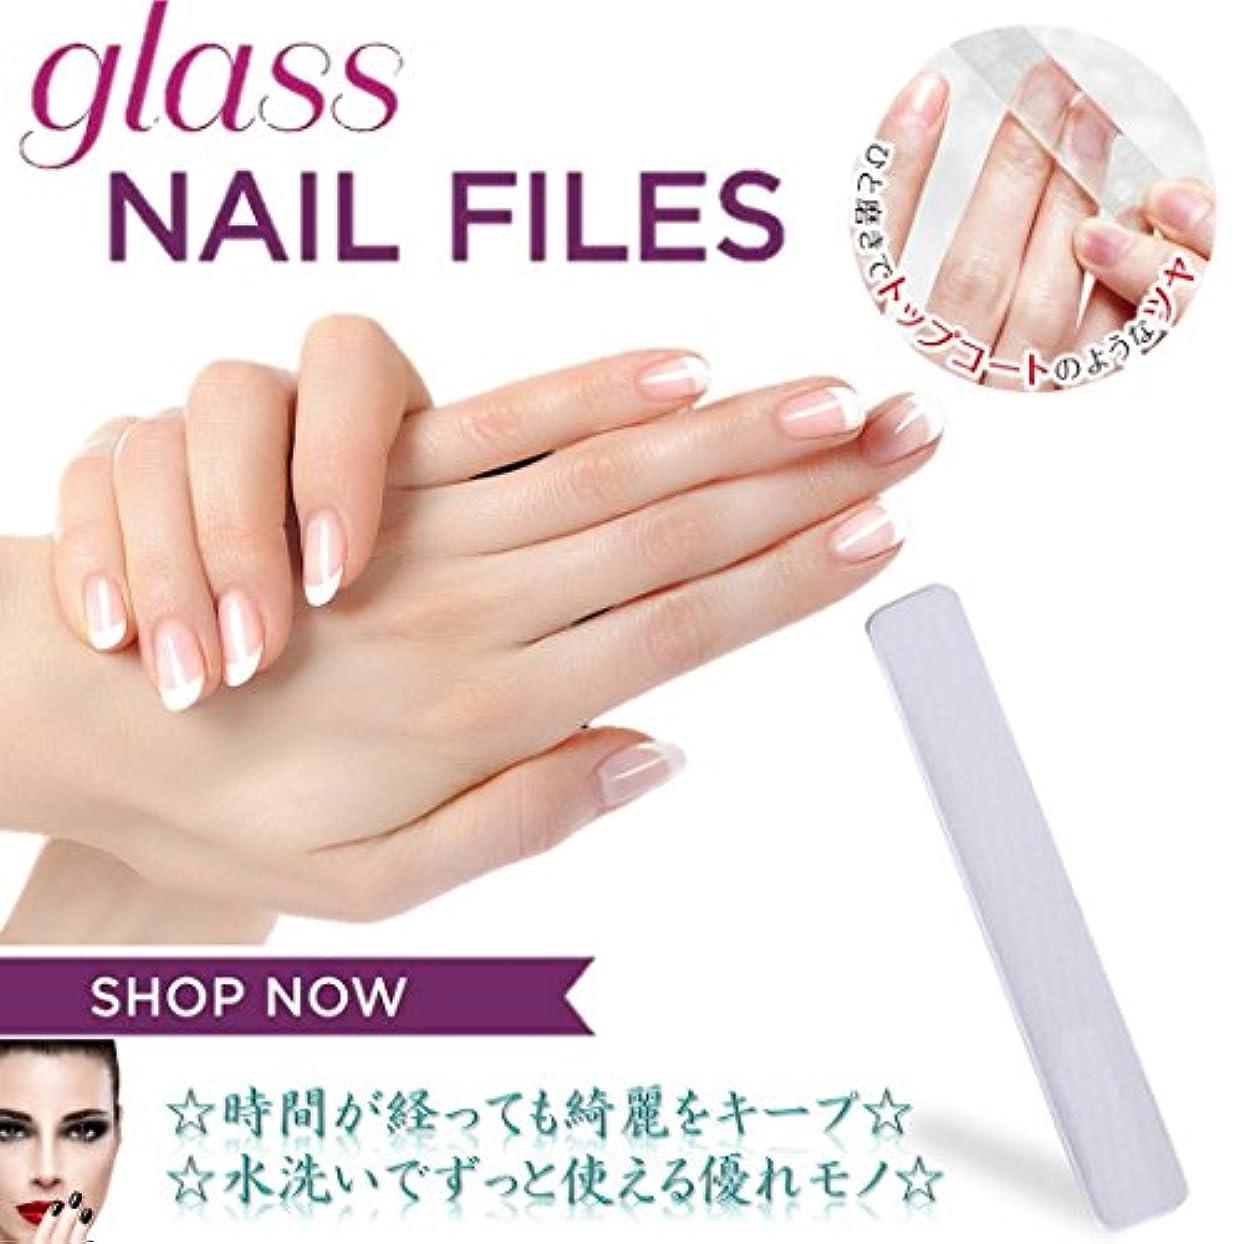 にやにや提供する湾MNoel ガラス爪磨き 韓国ナノテクノロジー ガラス爪やすり 水洗いで何度も使える ツメミガキ ネイルケア用 爪磨きシート ケース付き 男女兼用